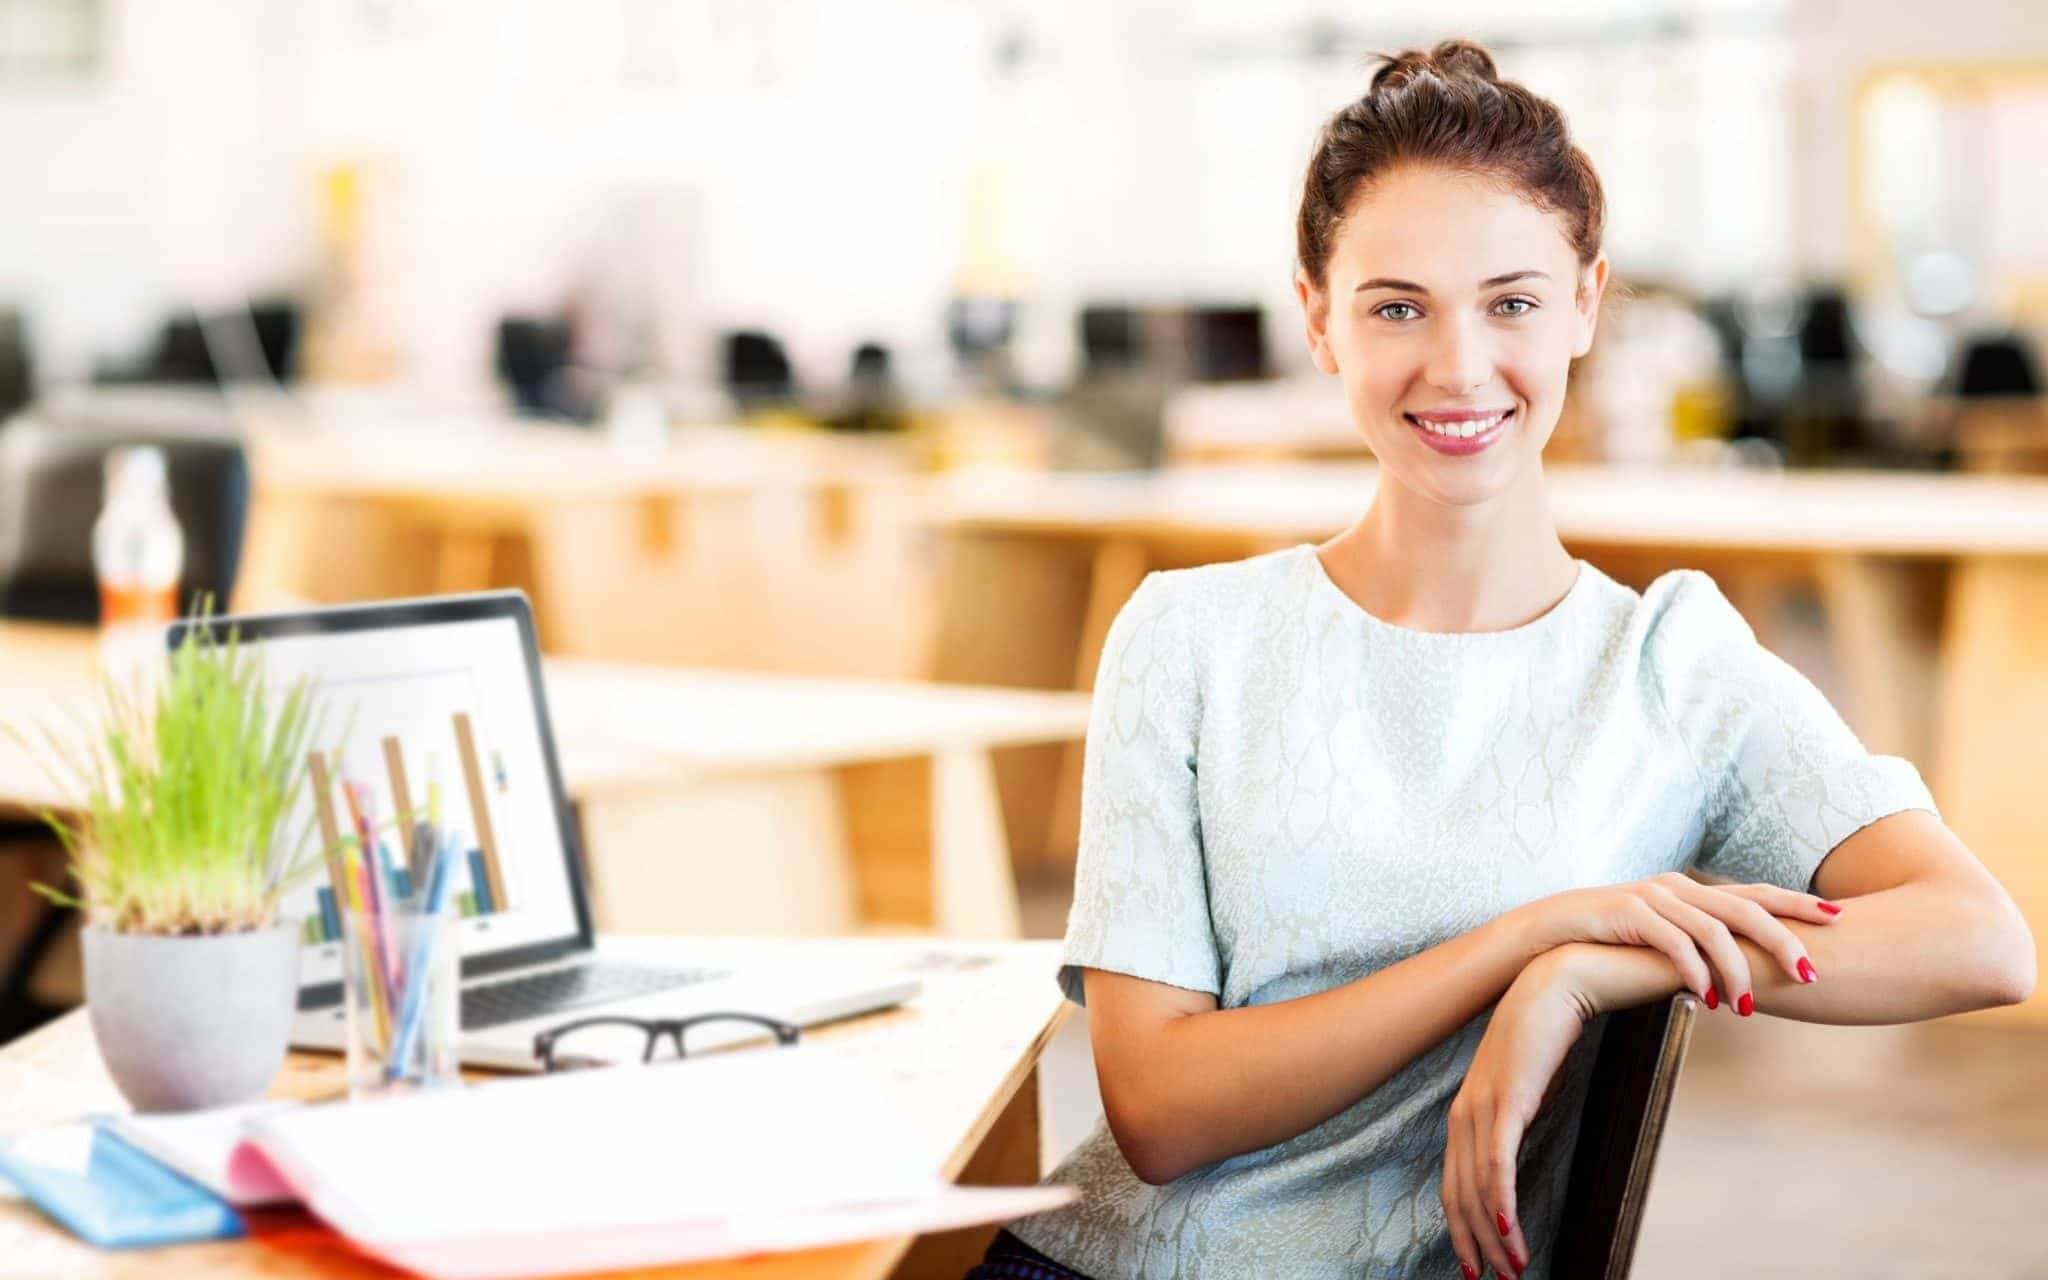 Die Schaltstelle eines jeden Unternehmens: Das leisten Sekretär:innen heutzutage alles